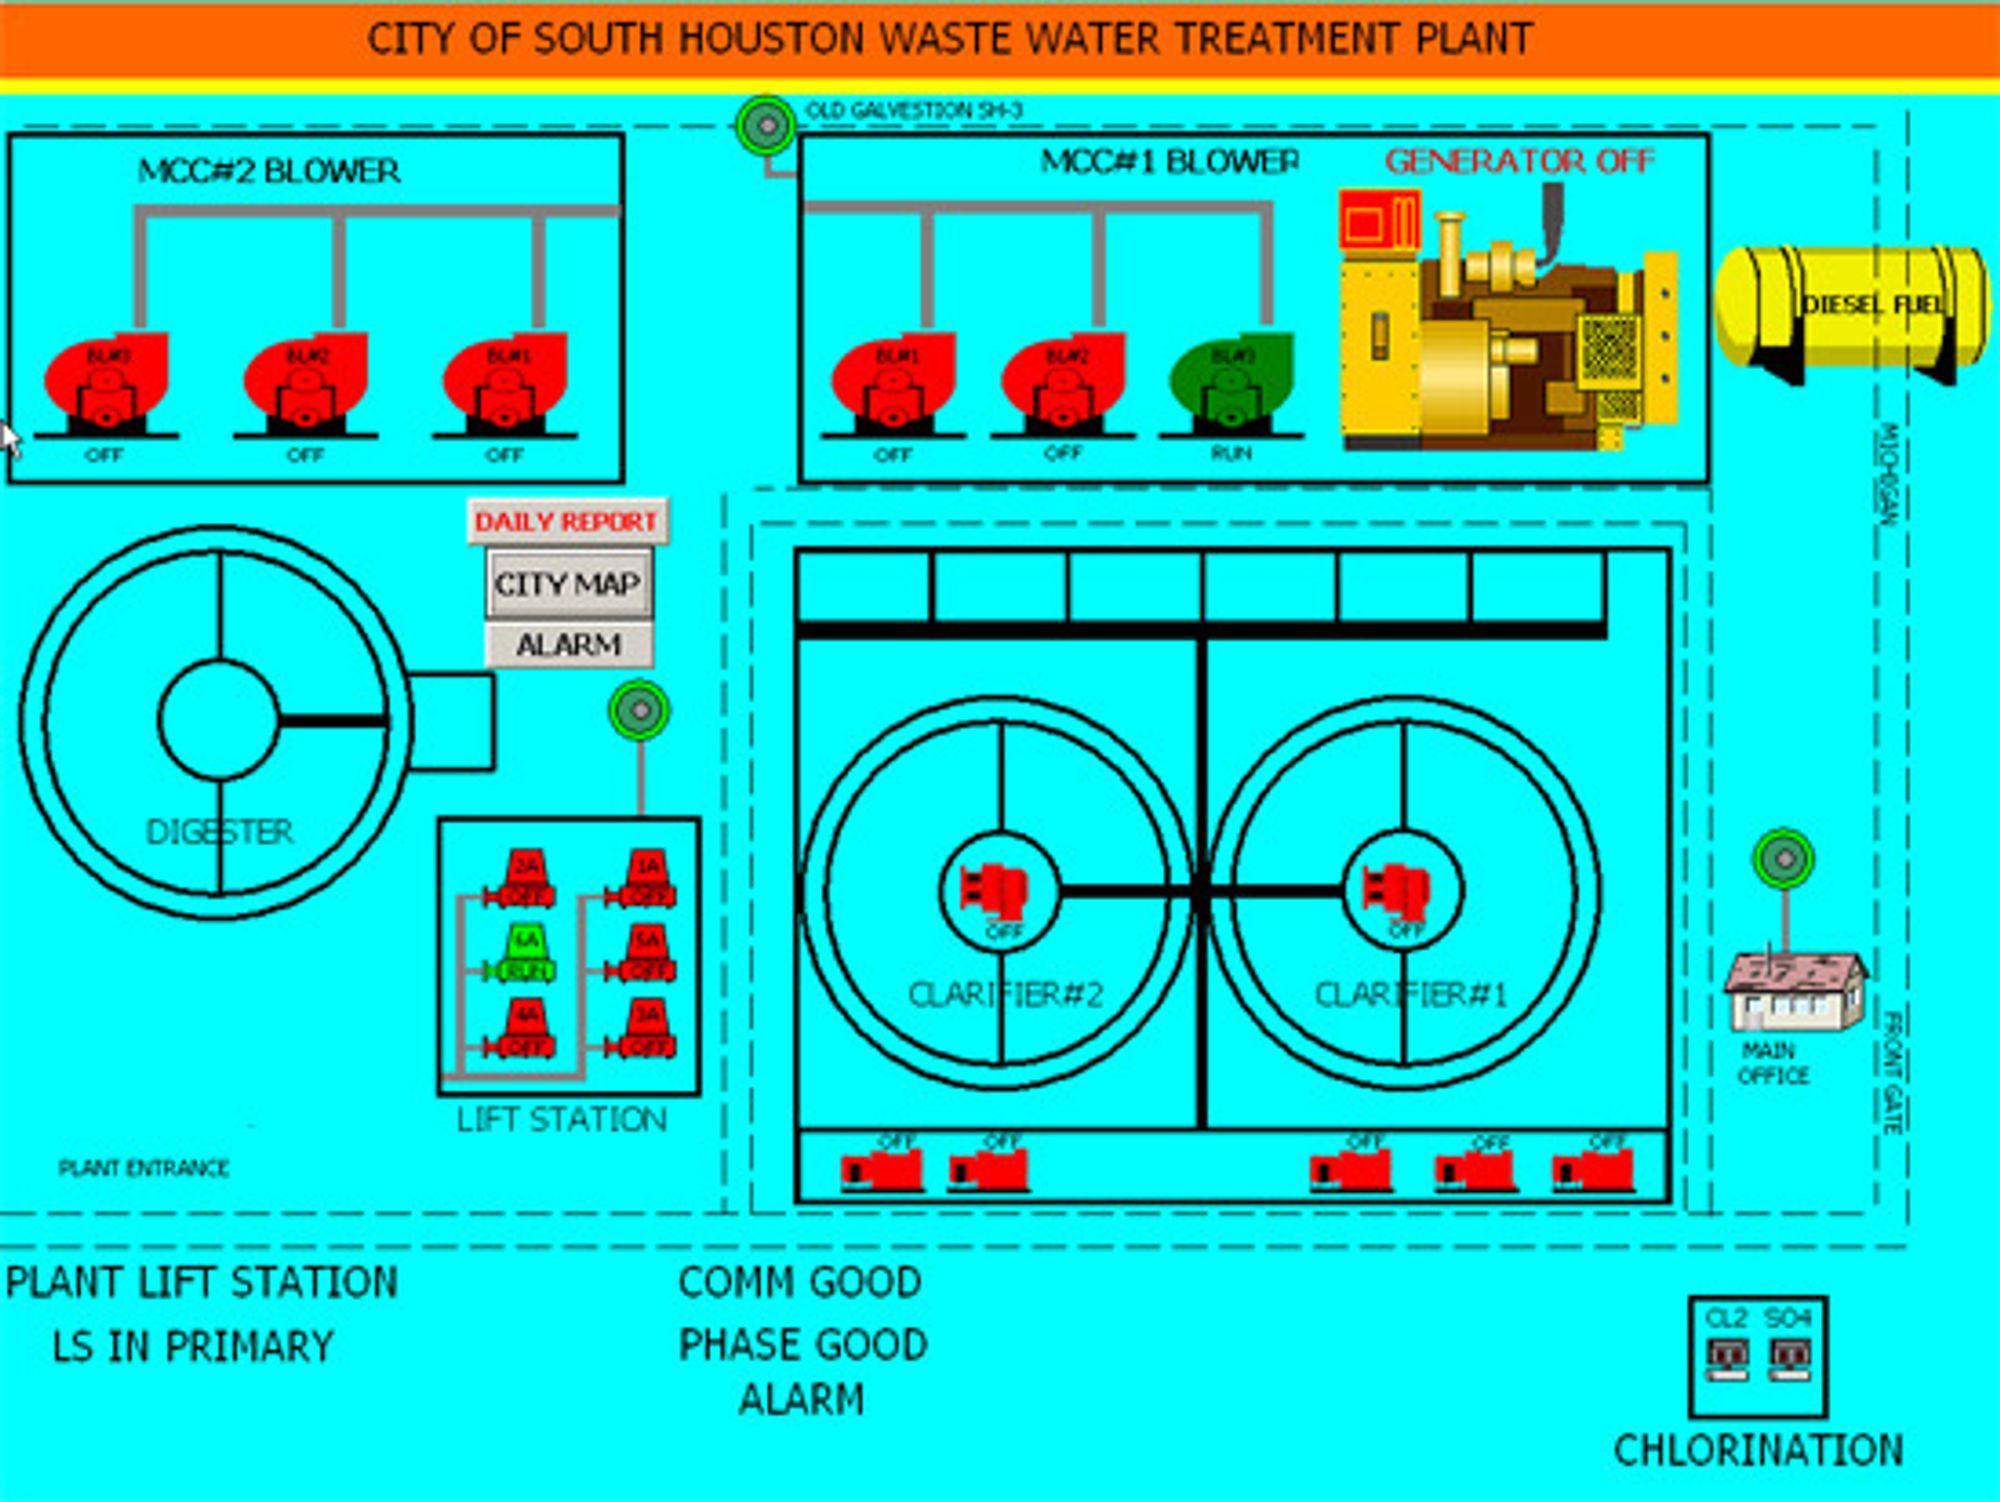 Et annet av de fem skjermdumpene pr0f la ut for å vise hvor lett det er å bryte IT-sikkerheten til systemet som kontrollere vann og kloakk i South Houston.